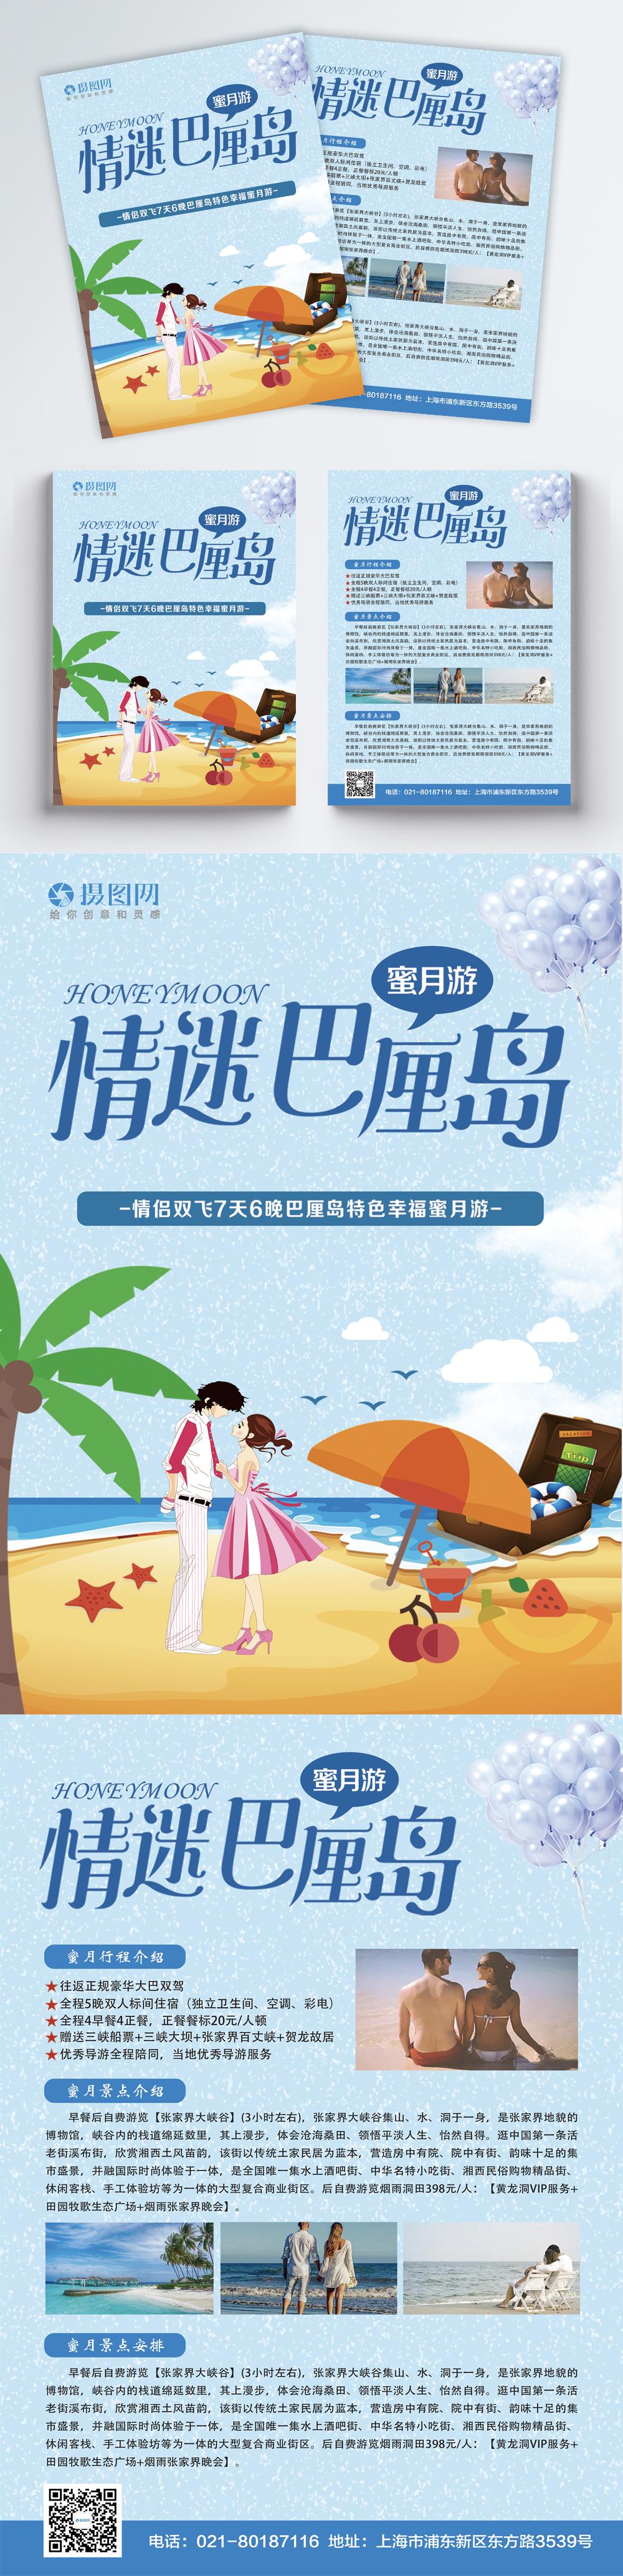 标签: 传单设计出境游国外游宣传单巴厘岛旅游旅行旅行团旅行套餐旅行